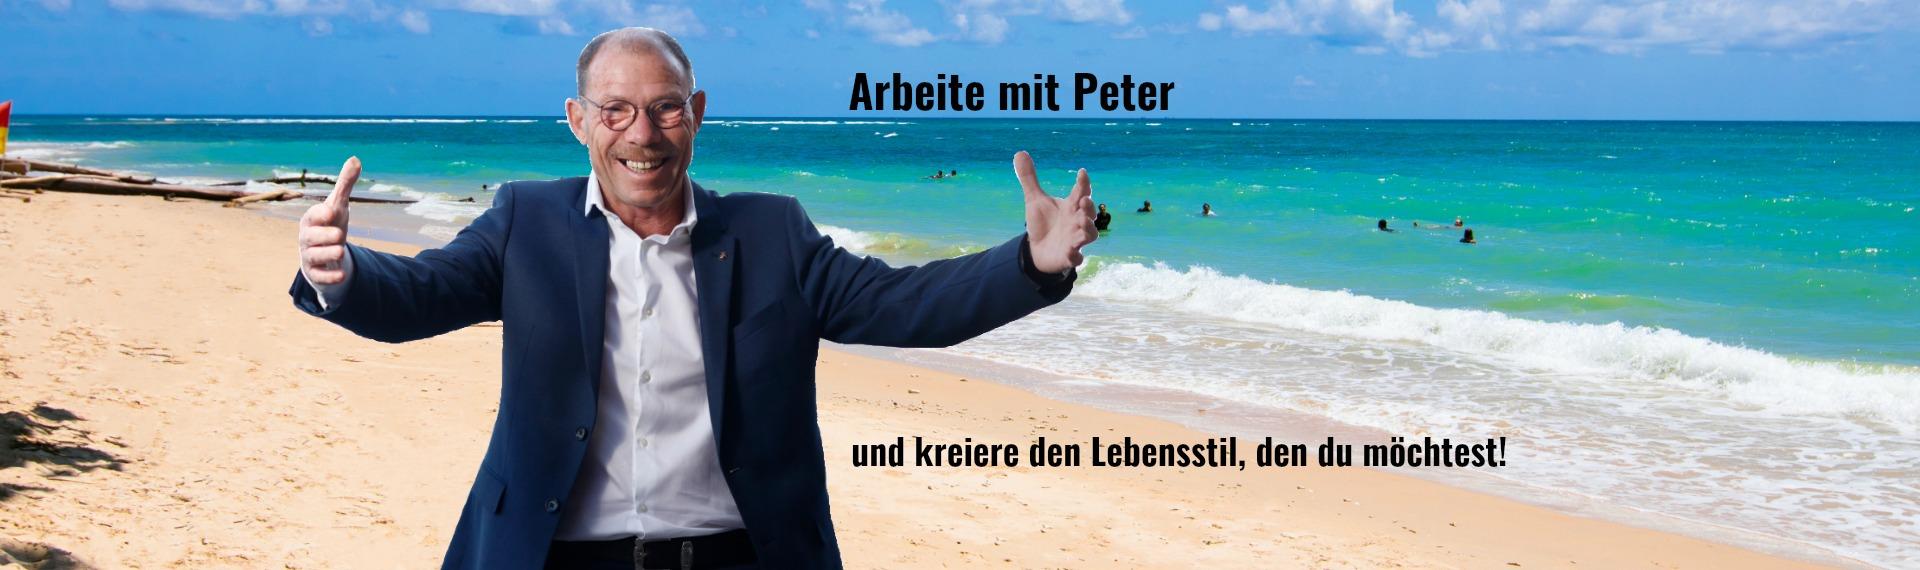 Banner Arbeite mit Peter Deth